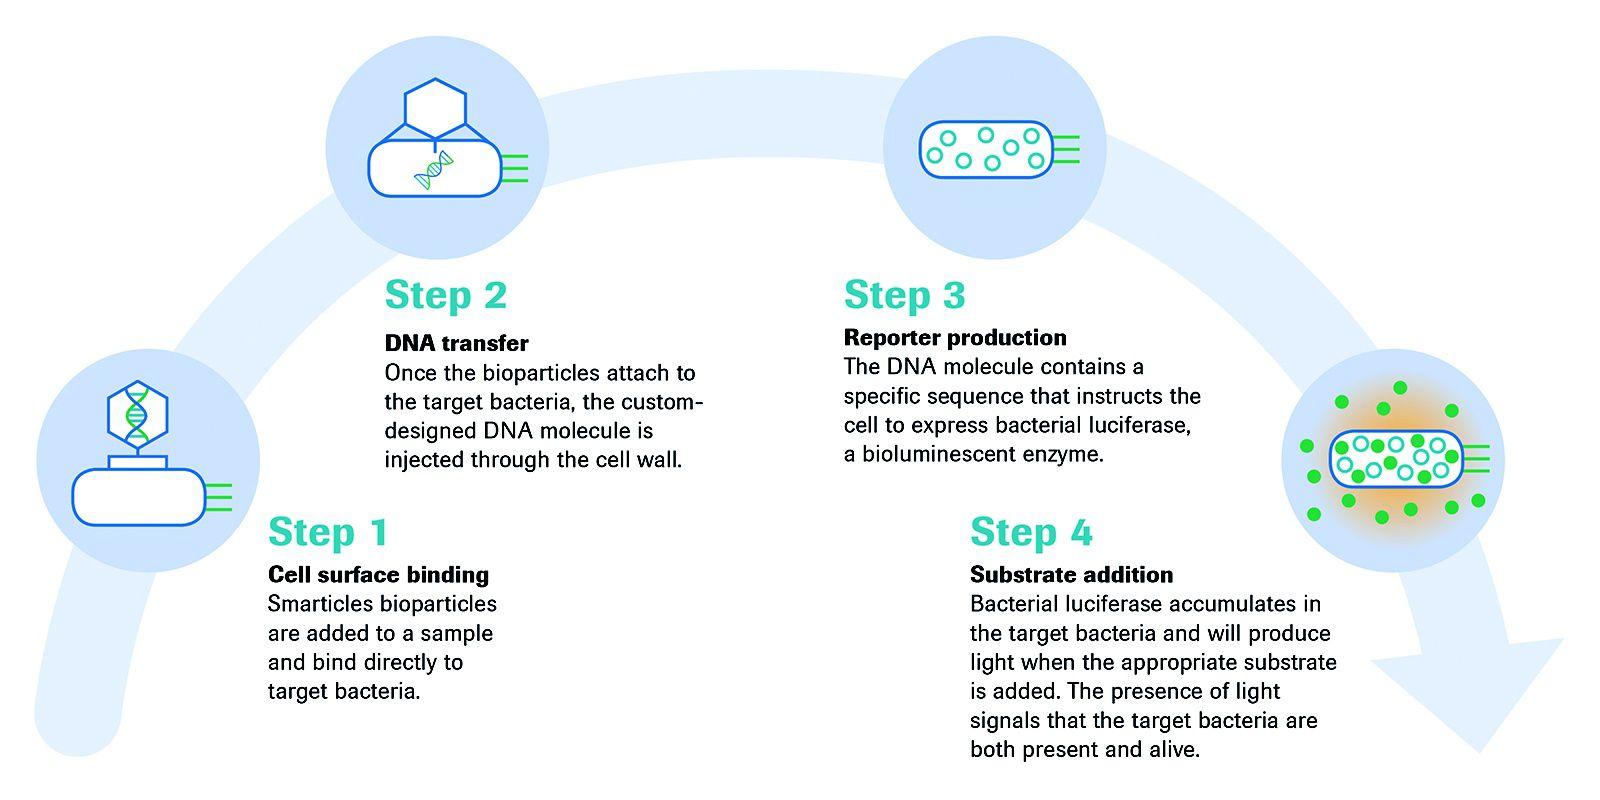 target-bacteria-four-step-process